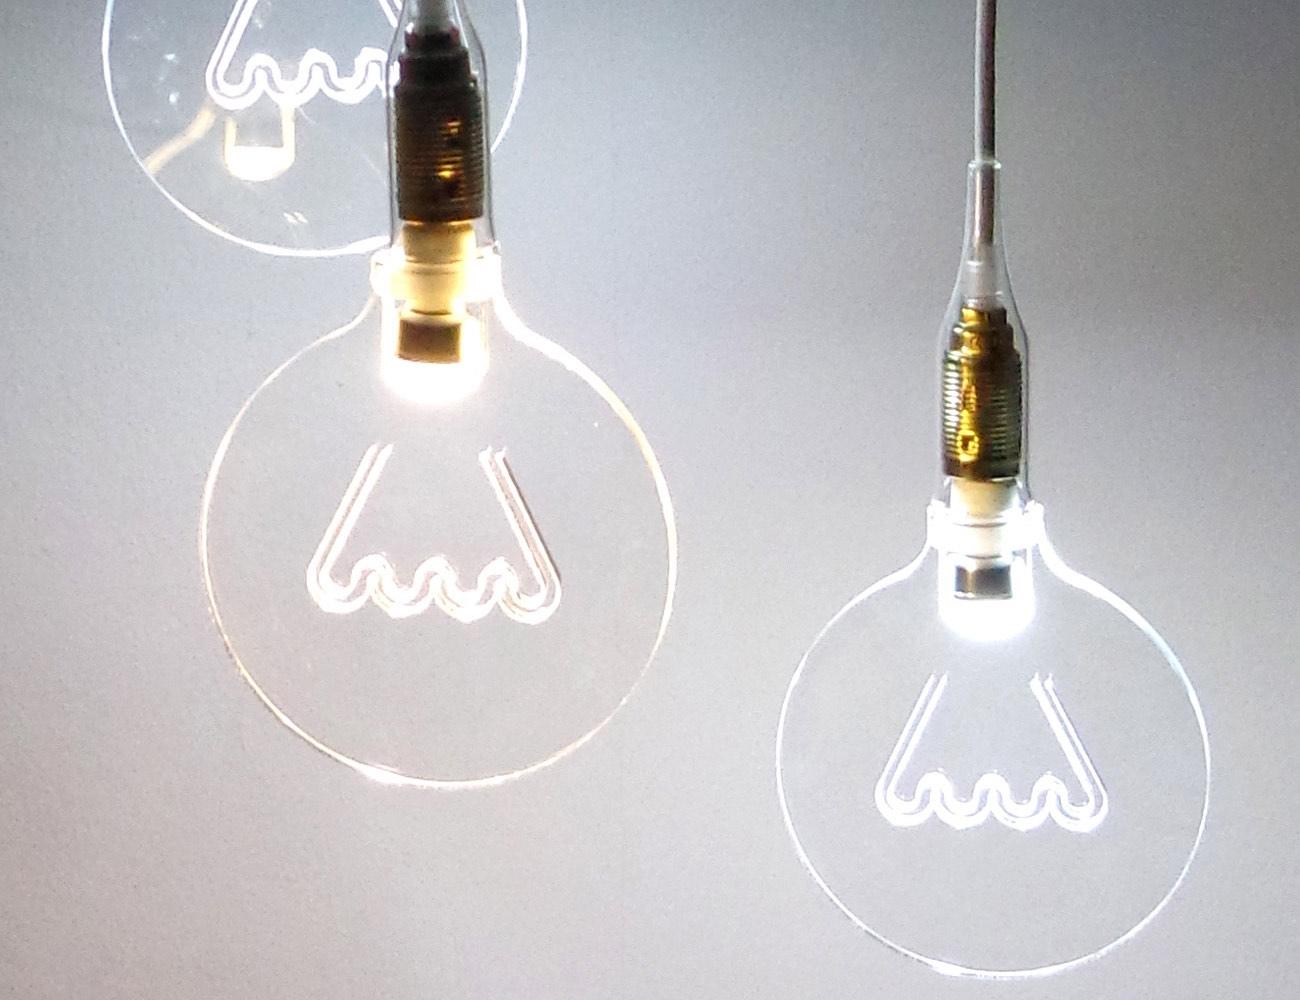 Led+Bulb+In+Memory+Of+Edison%26%238217%3Bs+Bulb